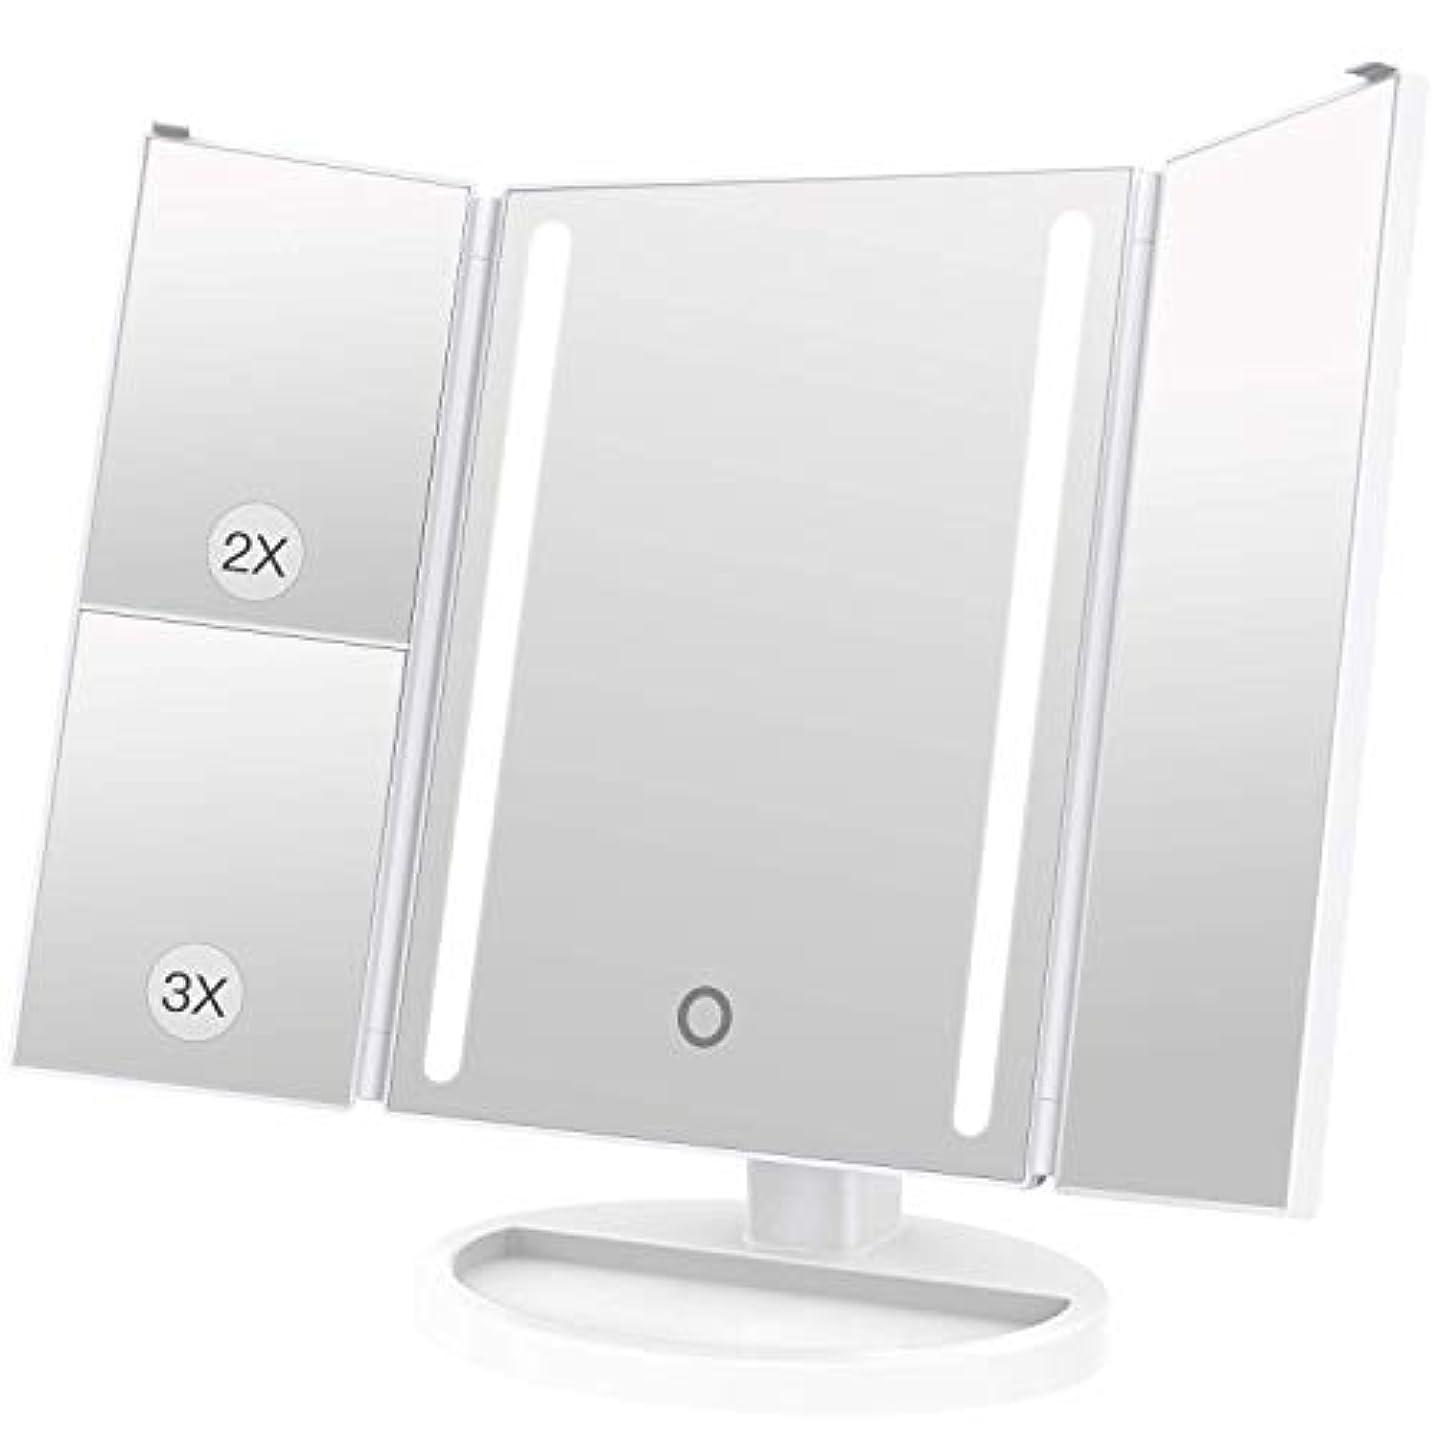 卵憂鬱な保守的LEEPWEI 化粧鏡 LED 三面鏡 2&3倍拡大鏡付き 明るさ調節可能 180度回転 USB/単三電池給電 (ホワイト)